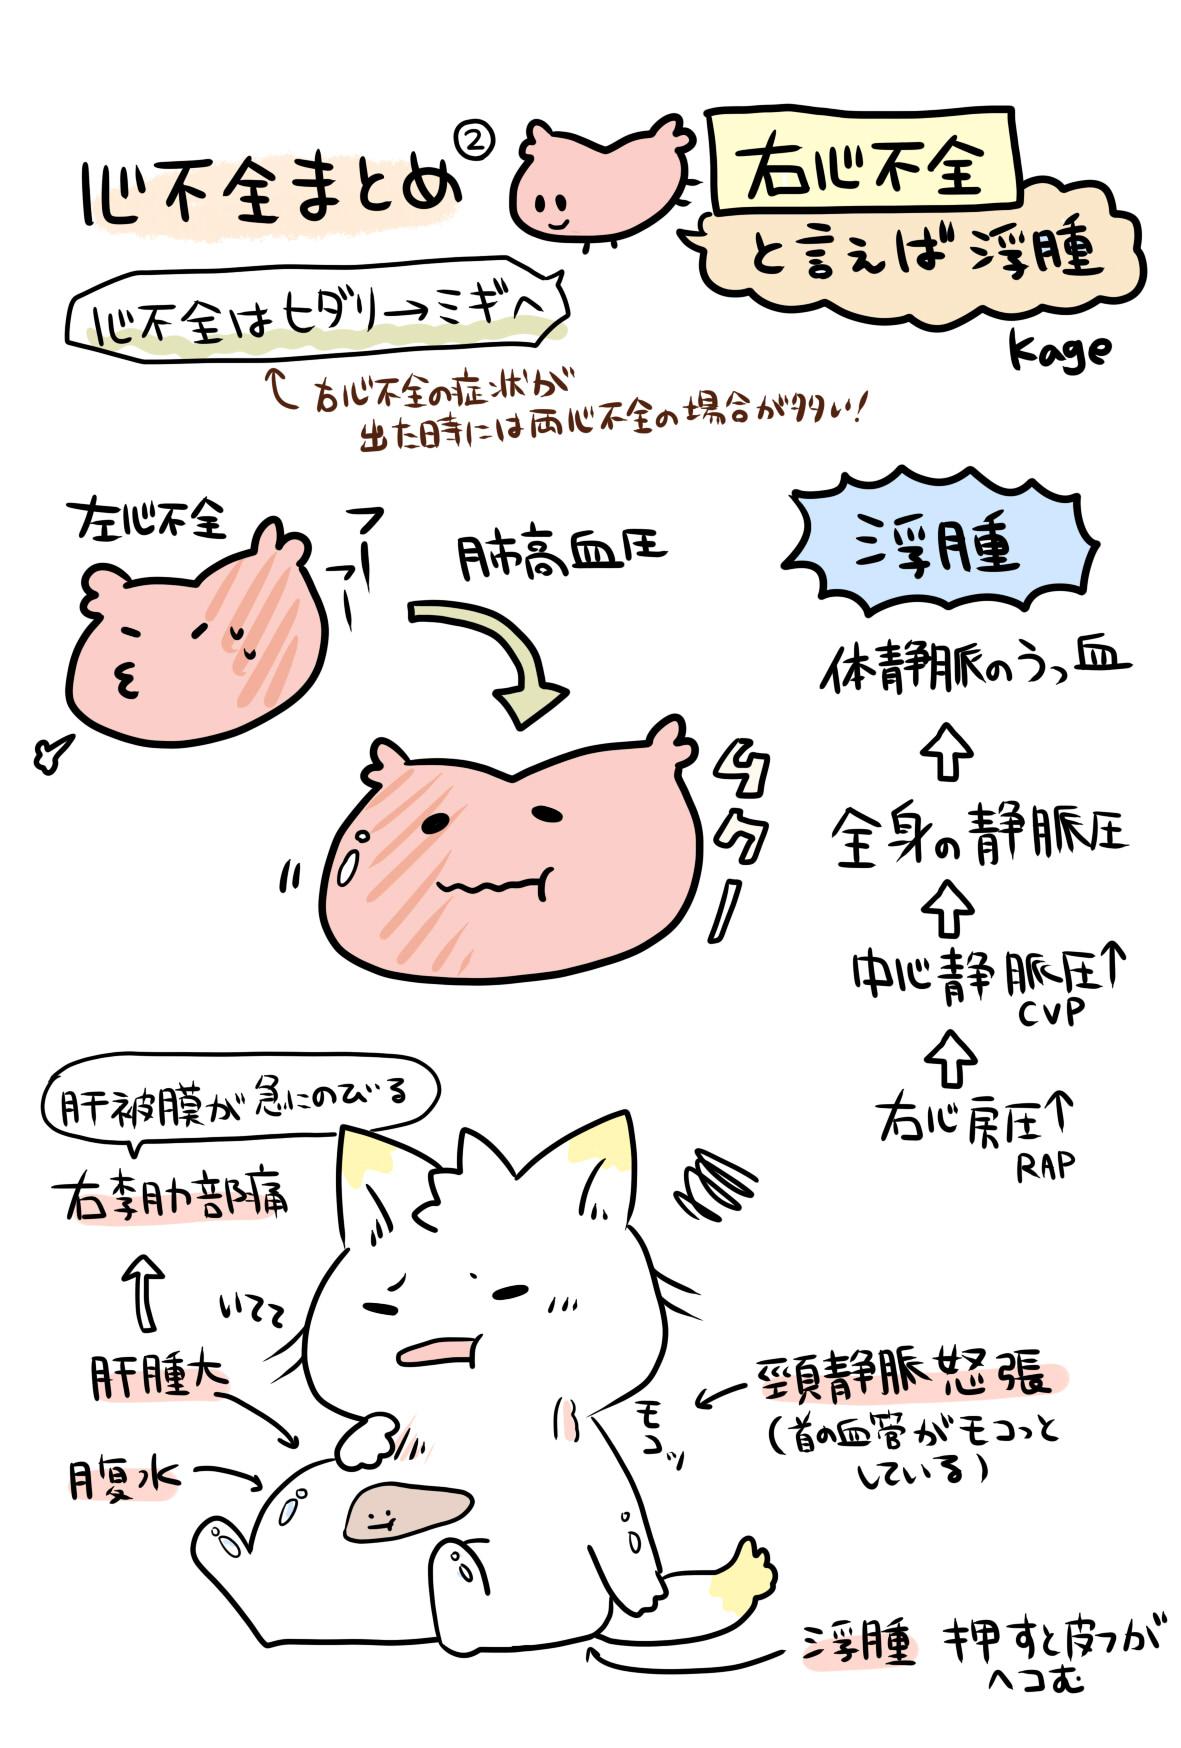 心不全についての説明図(右心不全)